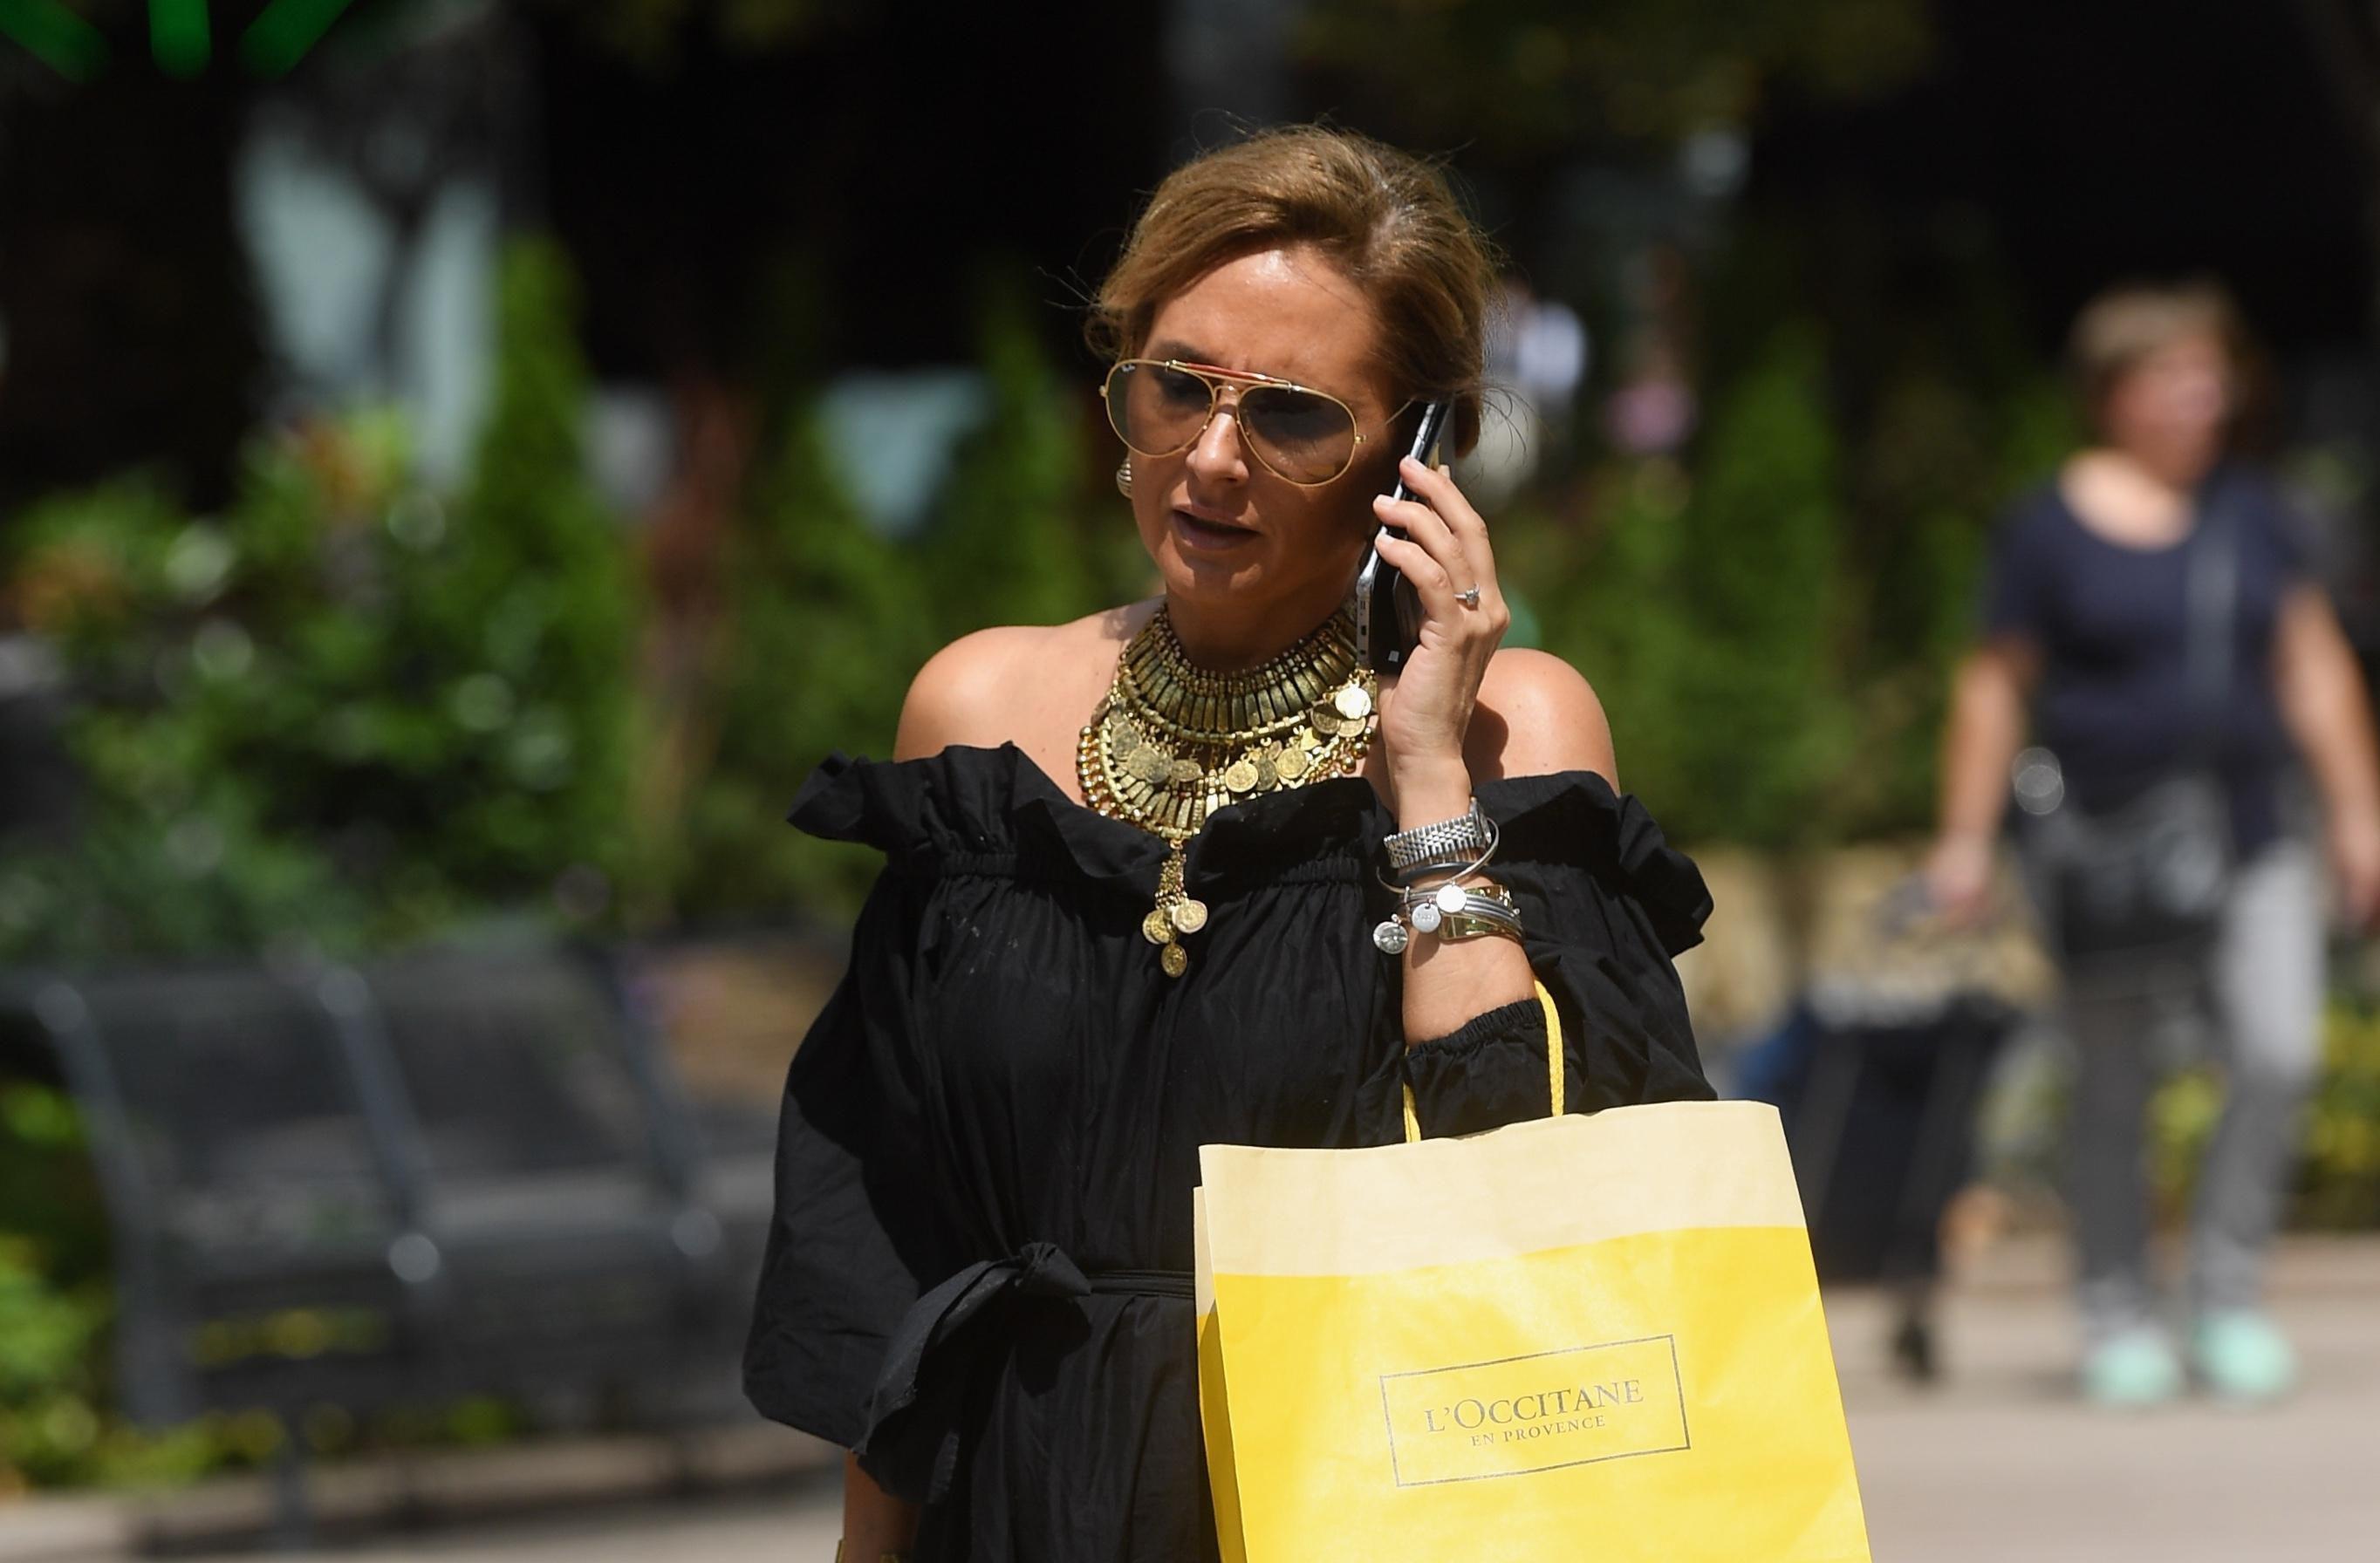 Ova dama iz centra Zagreba pokazat će vam što znači glamur!